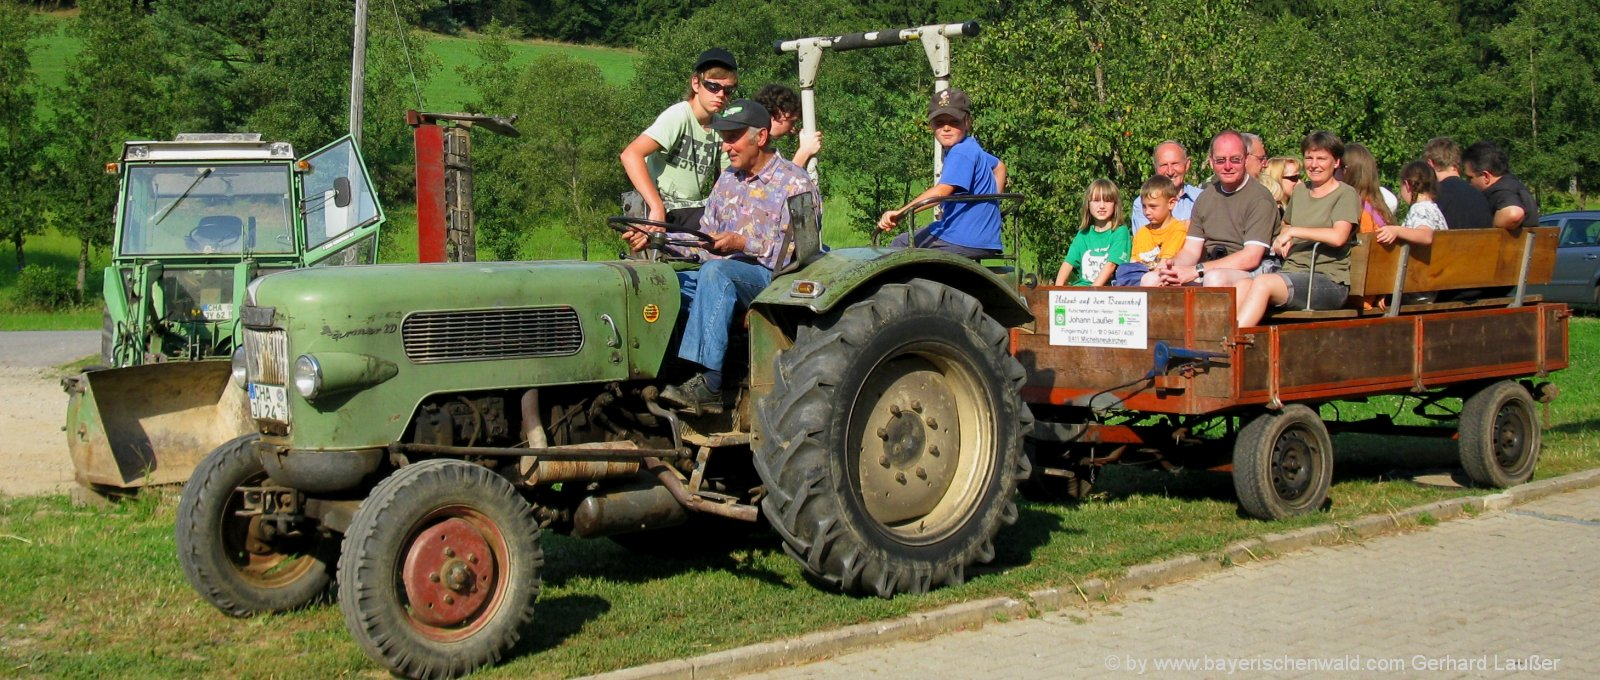 bauernhofurlaub-fingermühl-cham-oberpfalz-traktorfahren